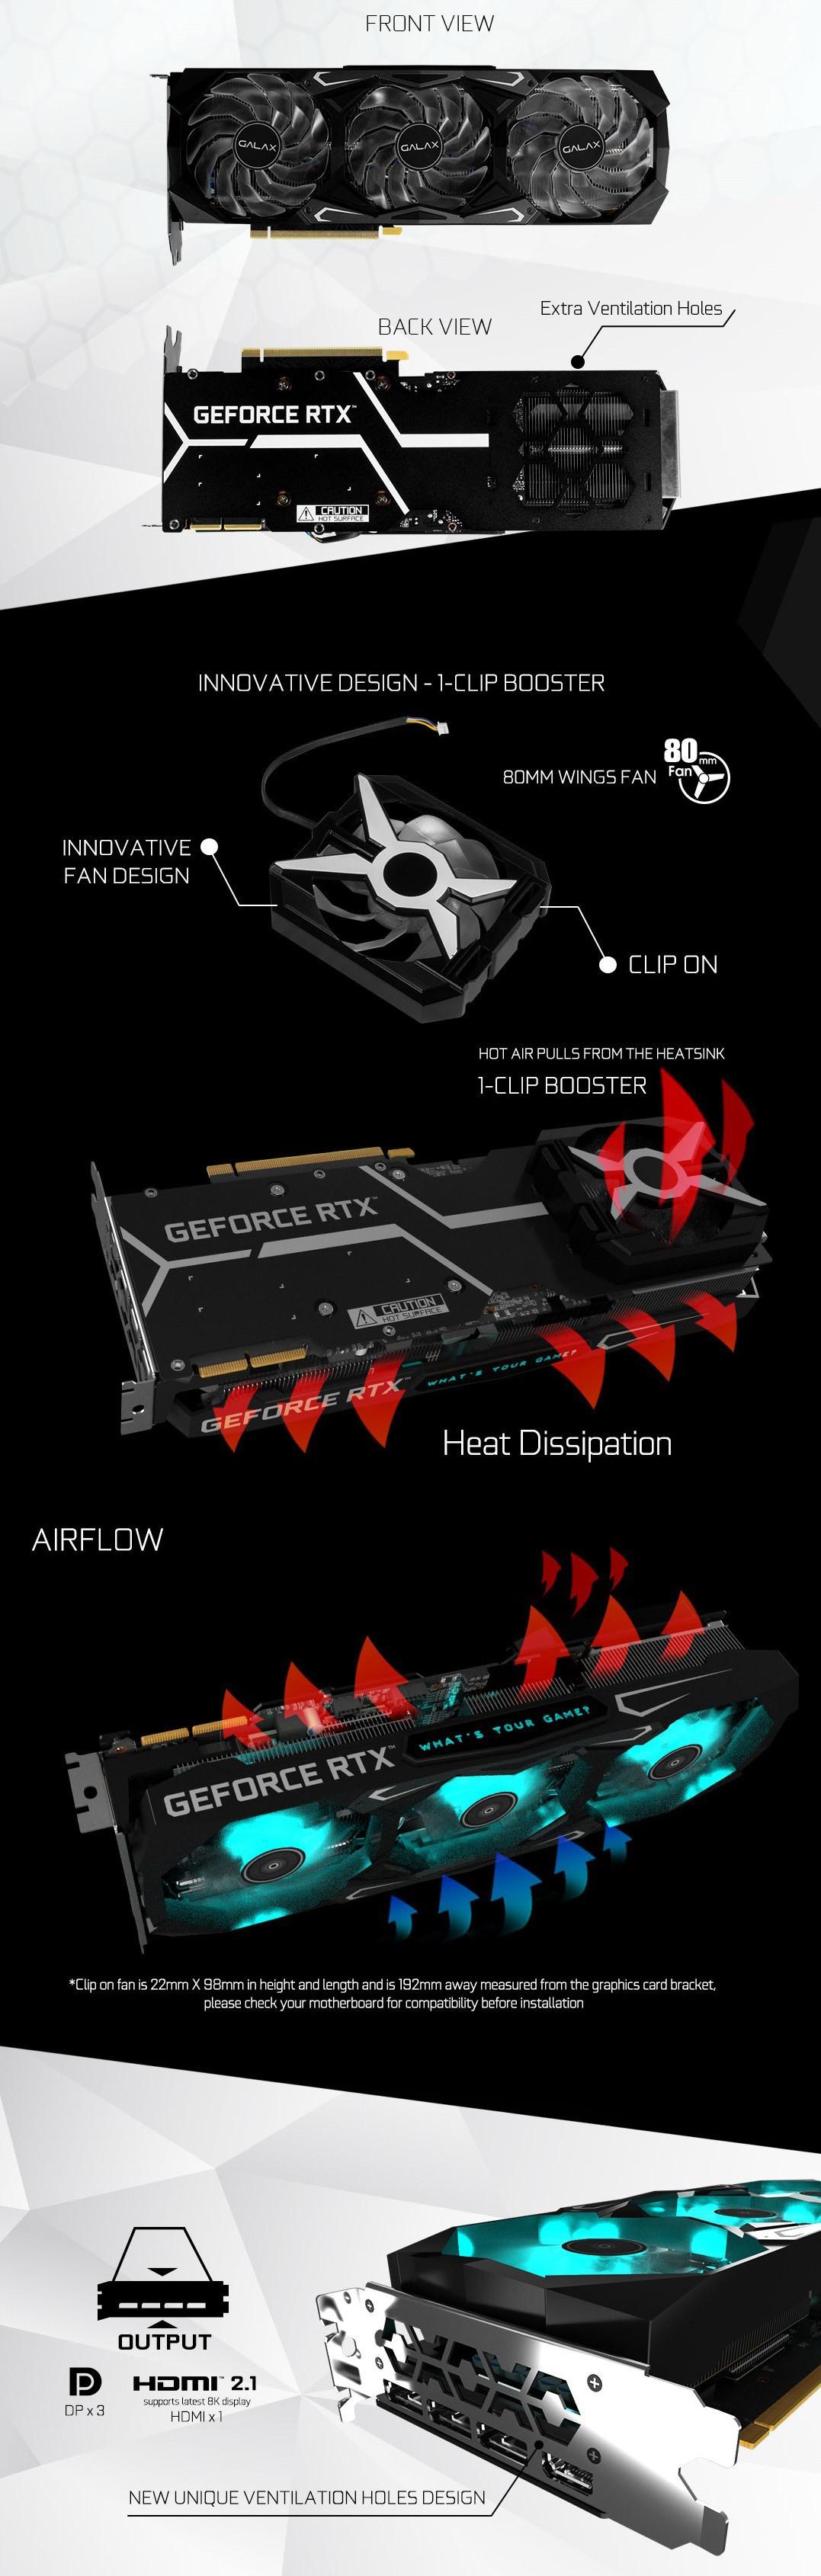 GALAX RTX 3090 SG 1-Click OC có một phụ kiện thú vị khác là quạt tăng áp